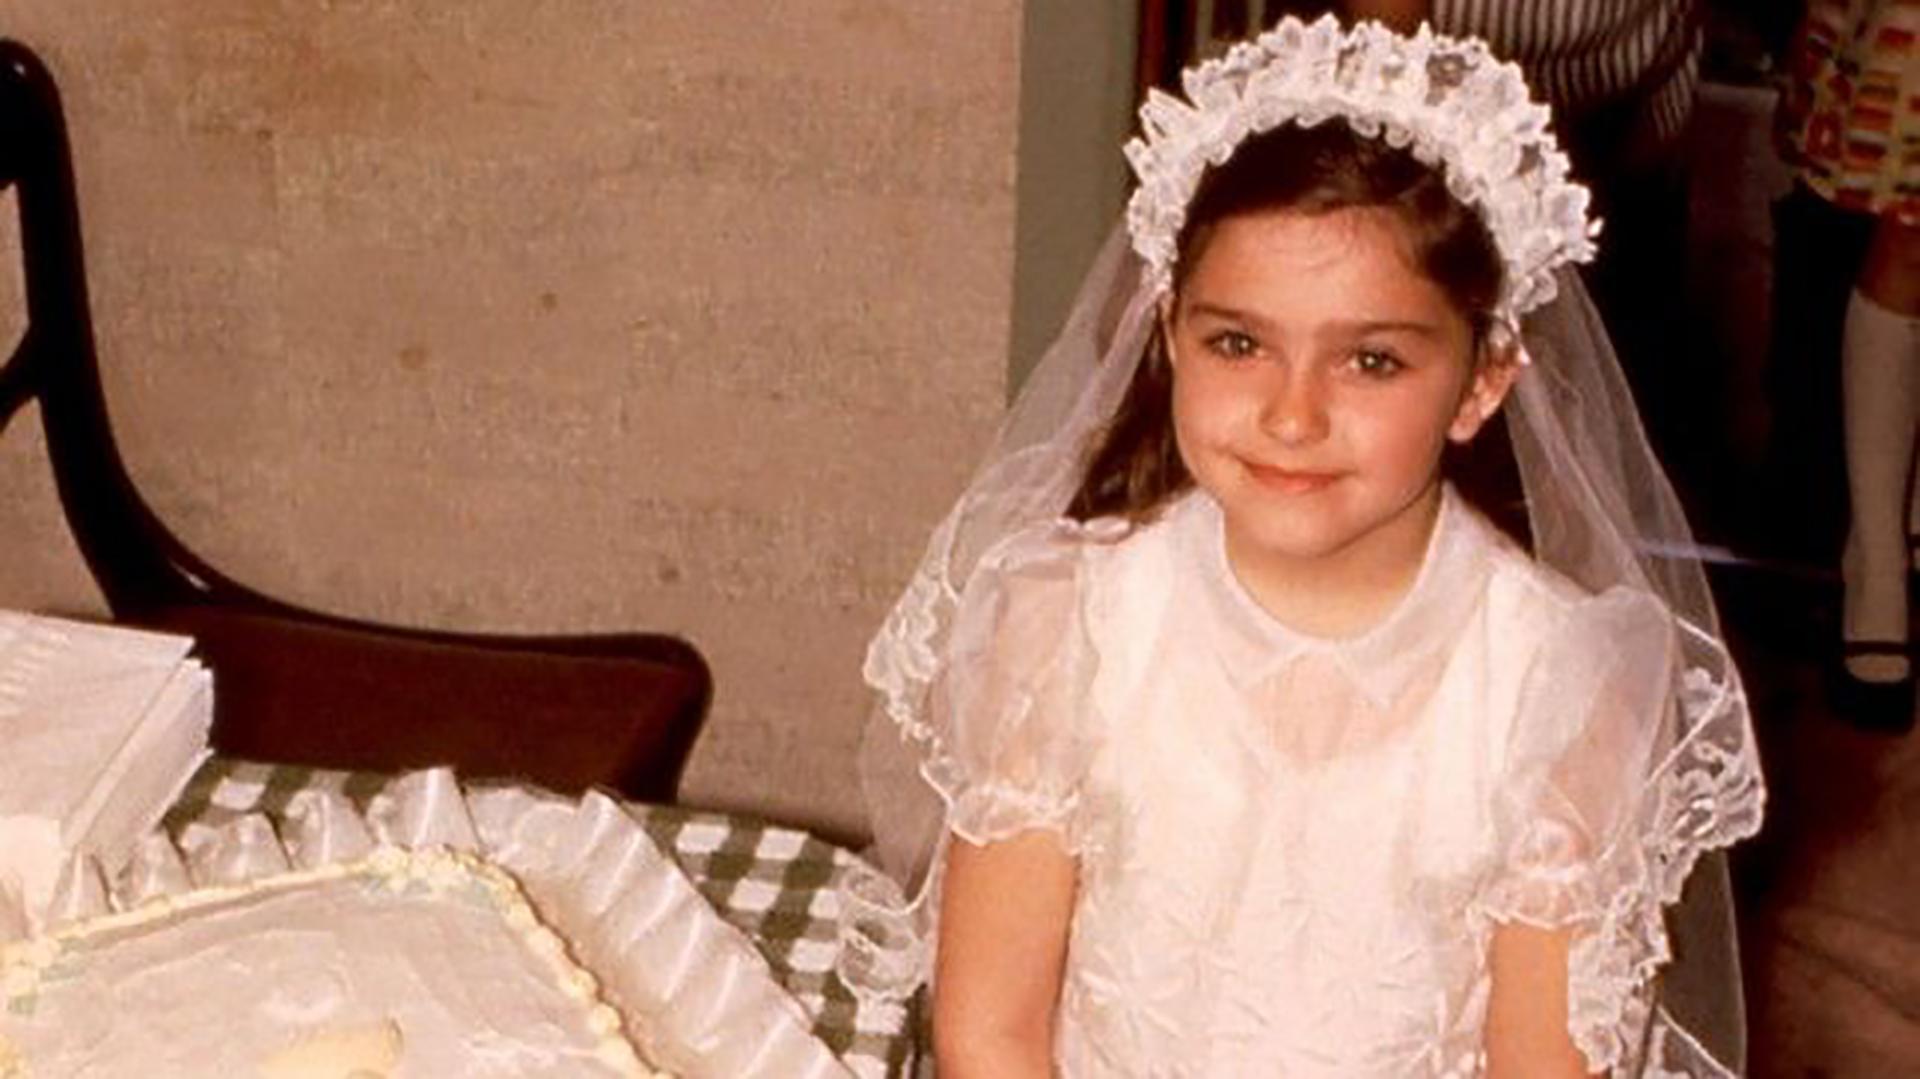 Madonna Louise Veronica Ciccone, nació el 16 de agosto de 1958 en Bay City, Michigan. En esta foto, tenía cuatro años